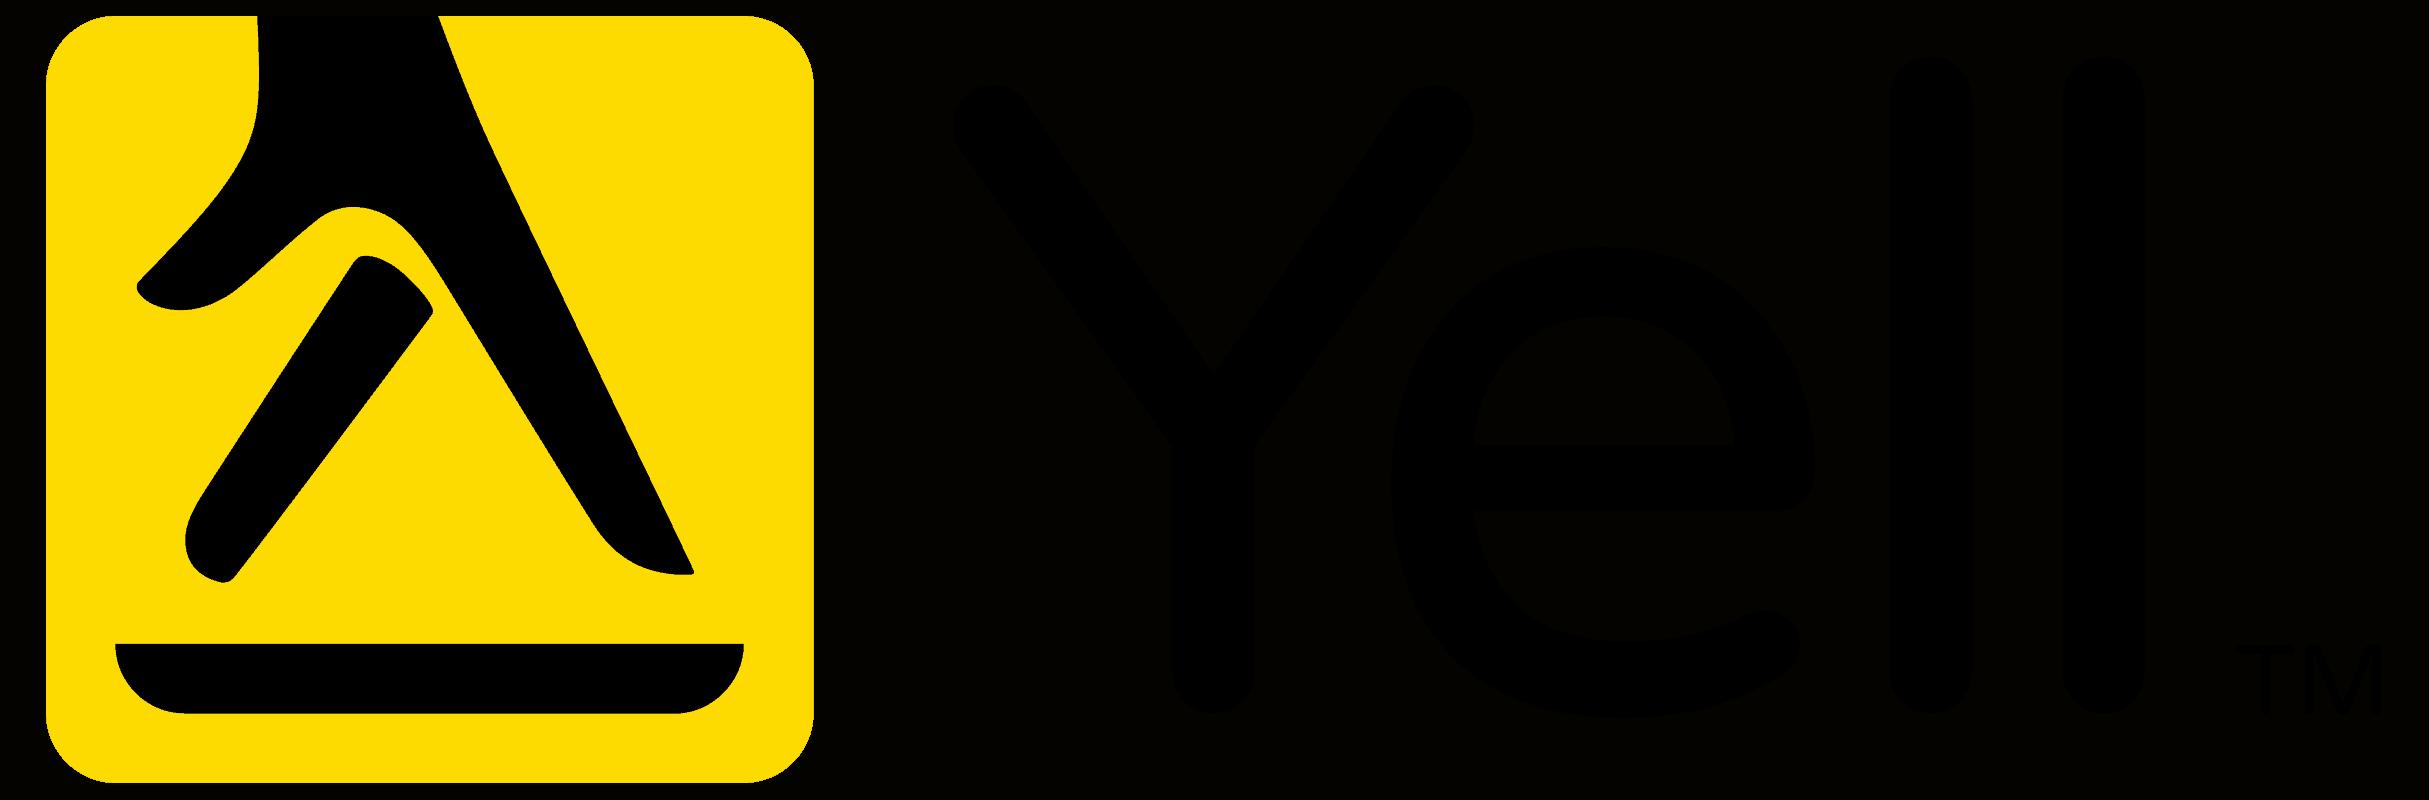 yell icon